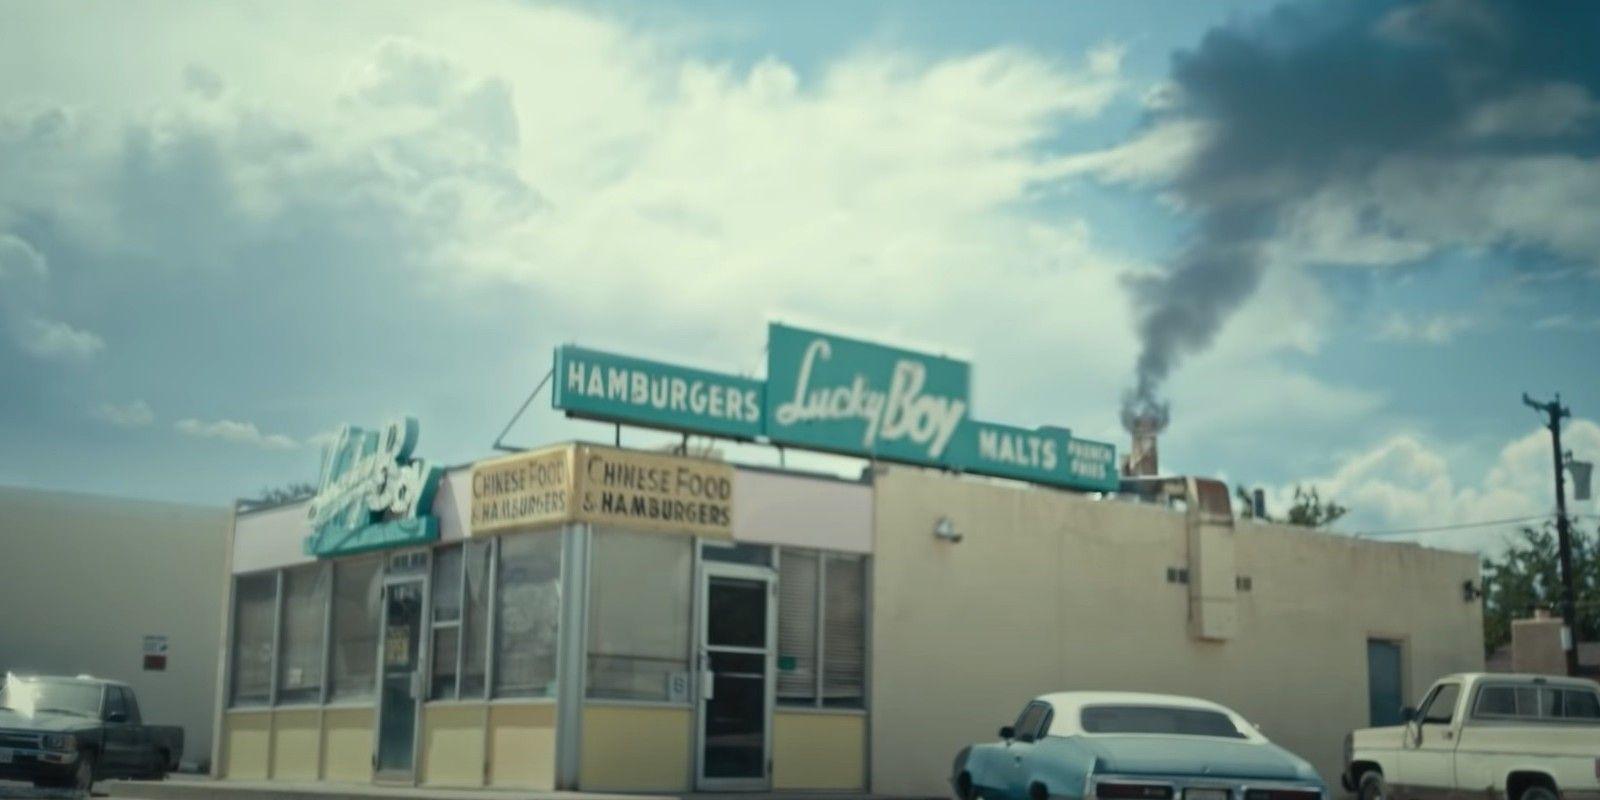 Análise do trailer Army of the Dead: Invasão em Las Vegas: 31 revelações e segredos da história 1